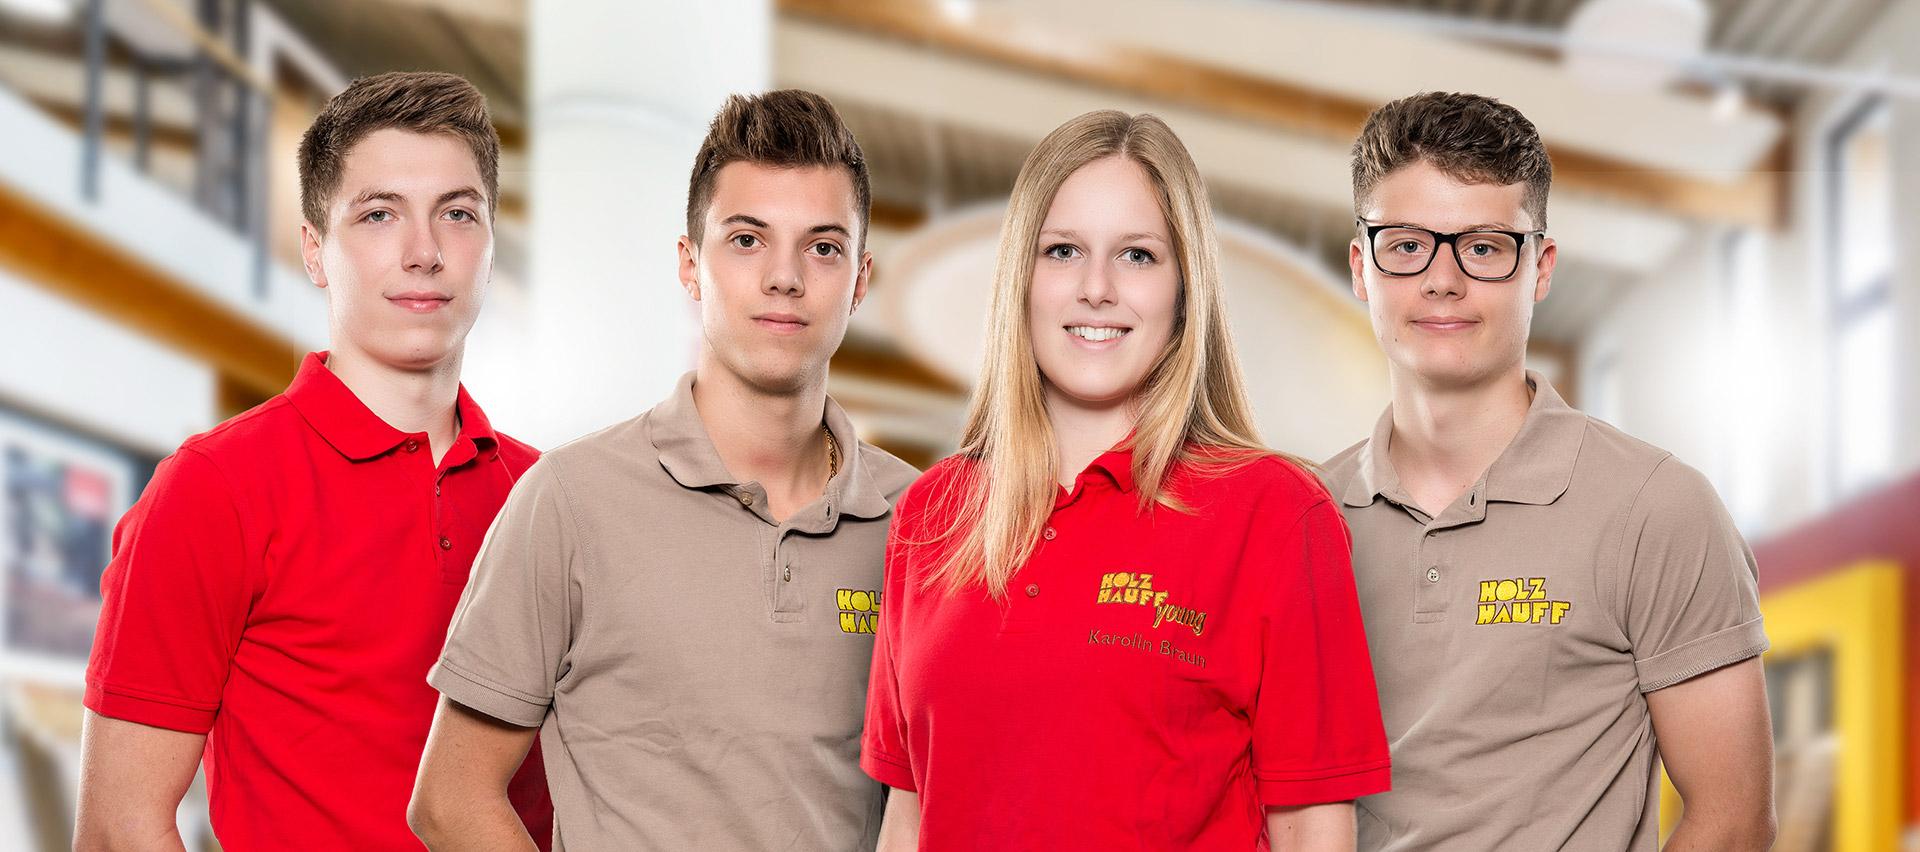 Ausbildung und Karriere bei Holz-Hauff in Leingarten